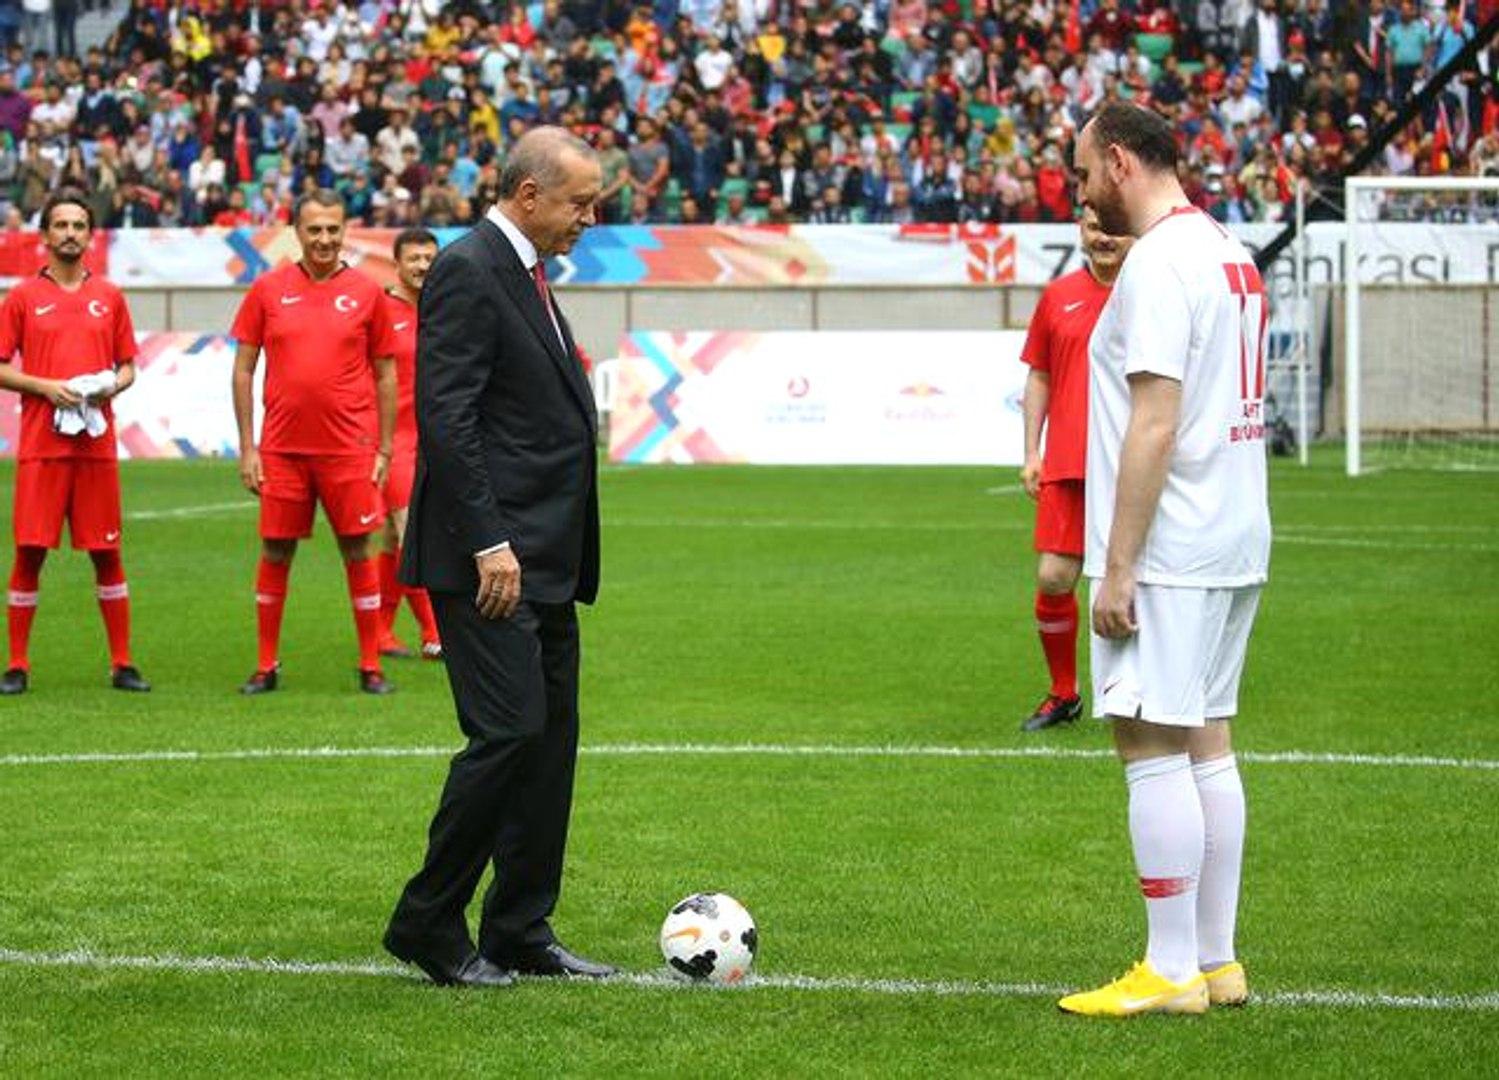 Şöhretler Karması Maçında Başlama Vuruşunu Recep Tayyip Erdoğan Yaptı, Karşılaşma 5-3 Sona Erdi